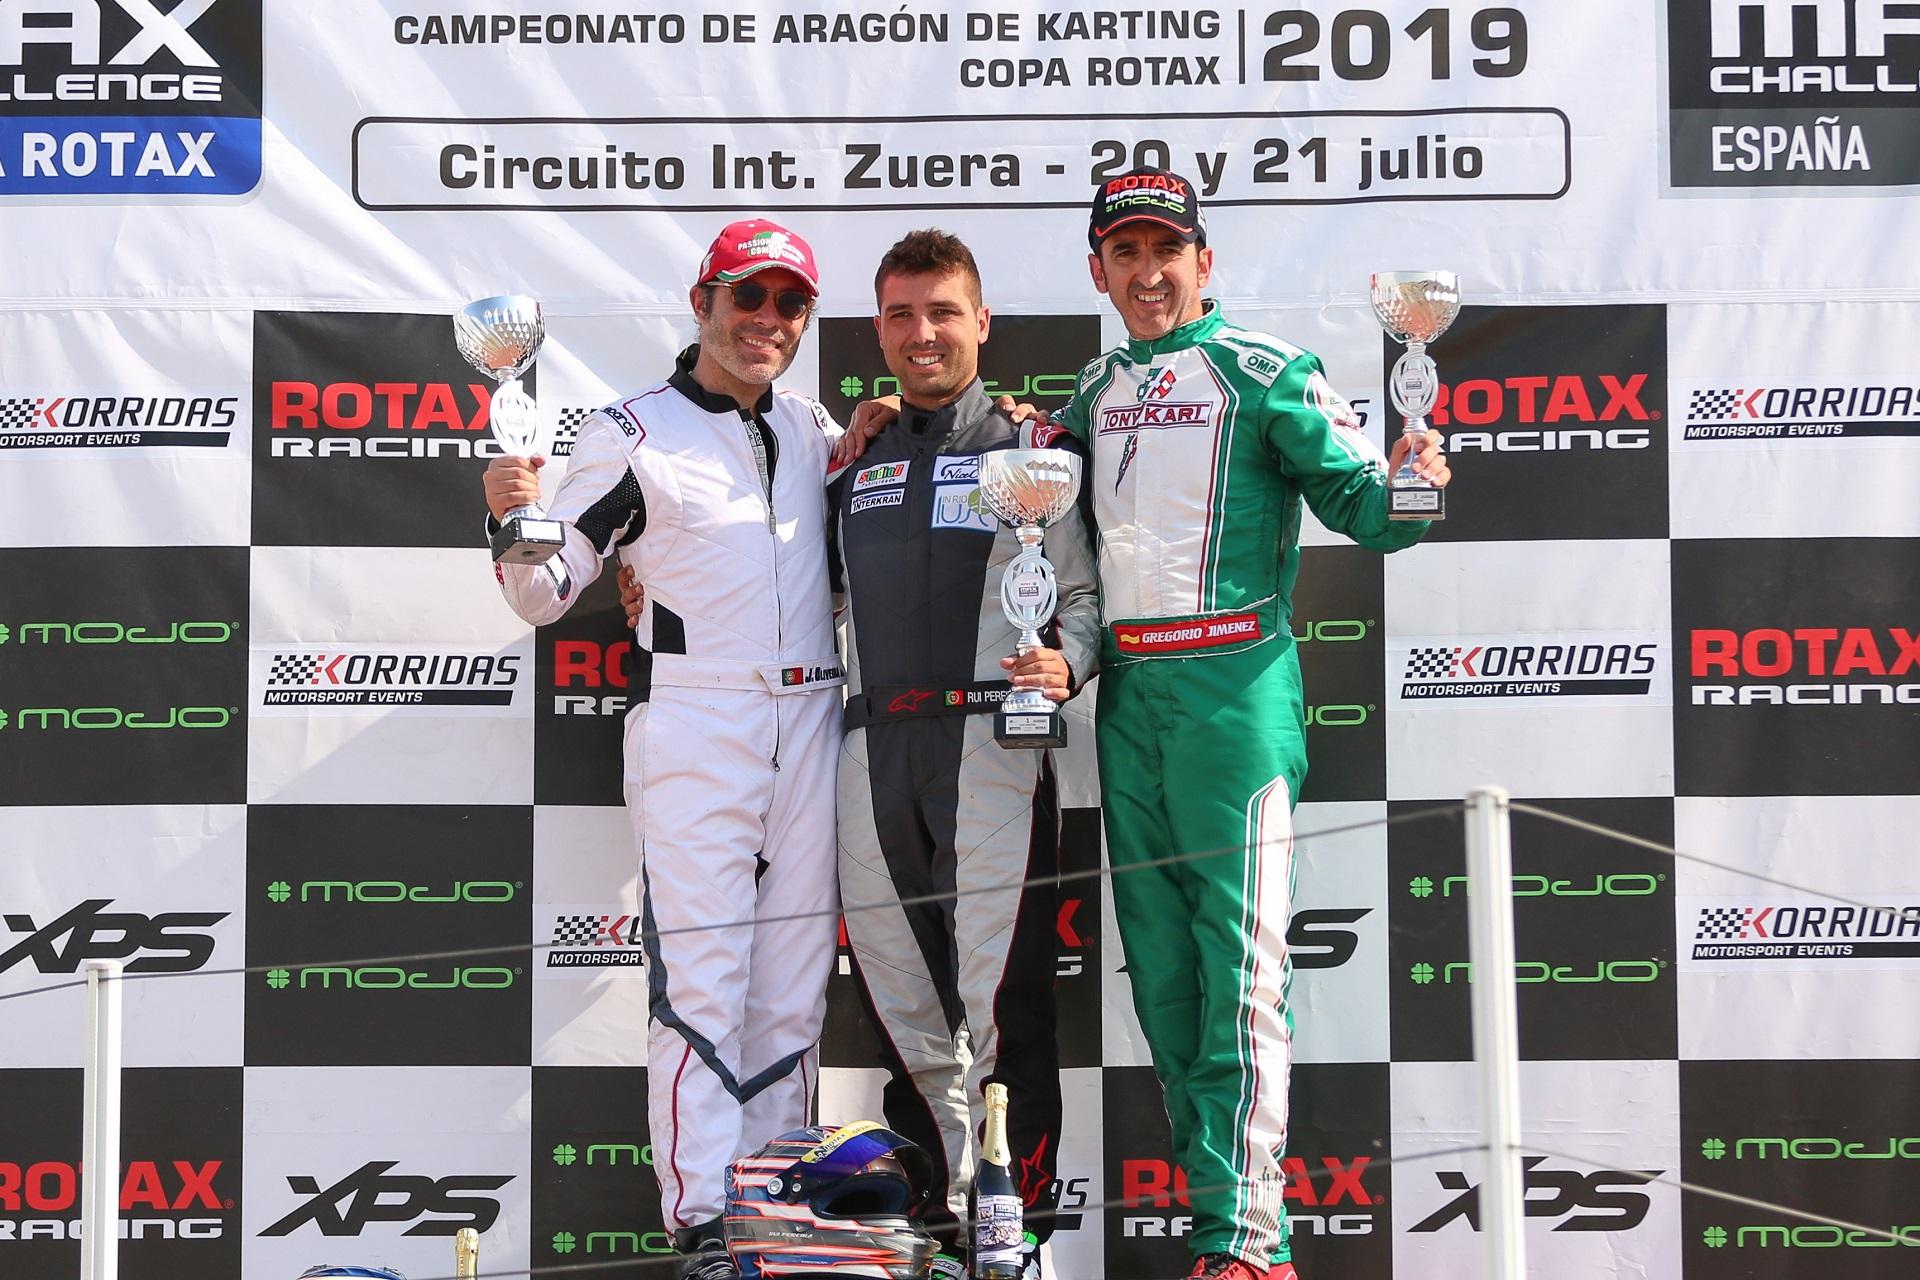 Rui Pereira vence e João Oliveira é 2.º na Copa Rotax DD2 Master